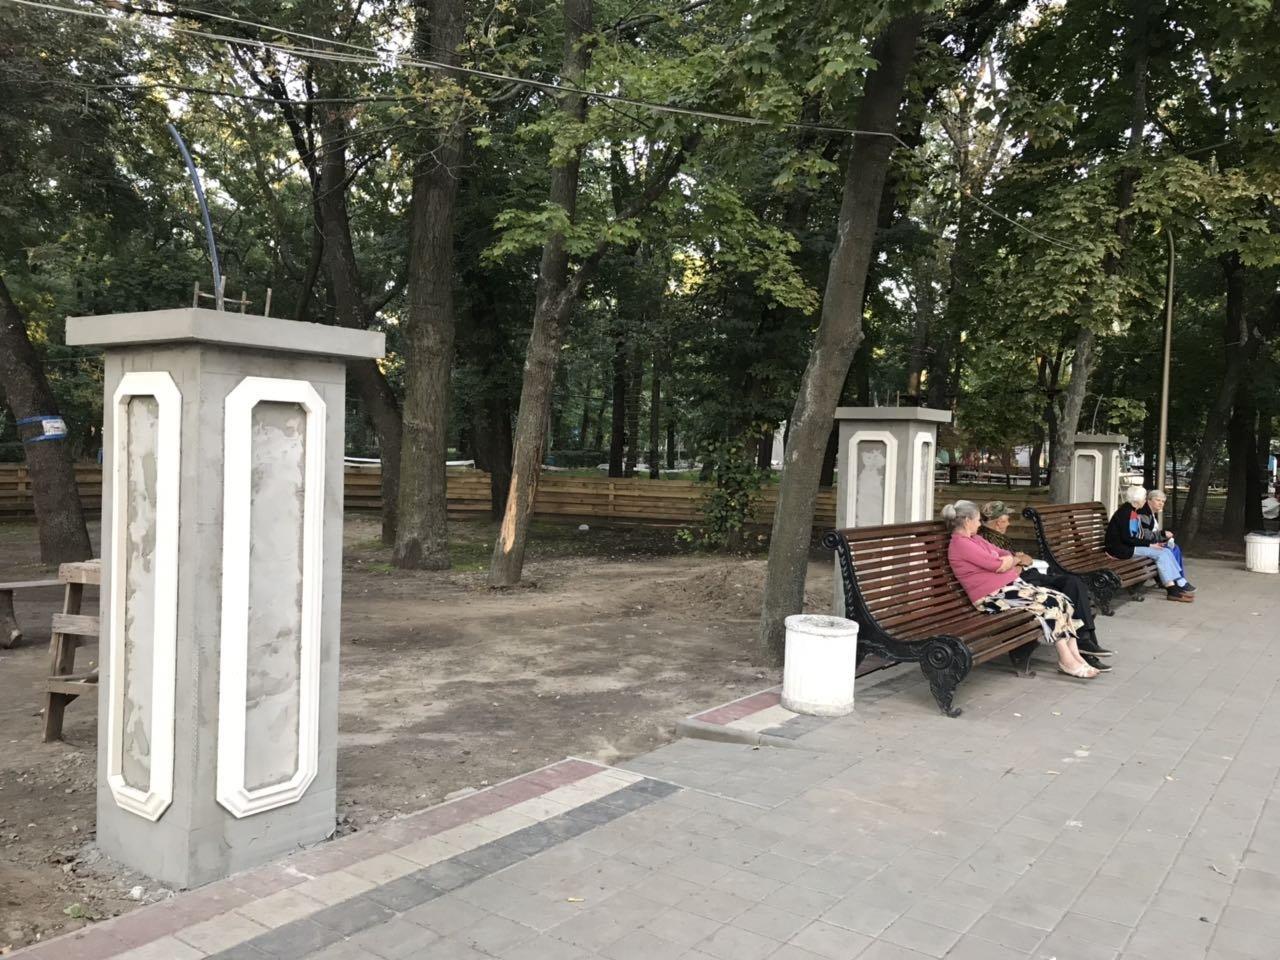 Отреставрированные бюсты поэтов вернут на прежнее место ко Дню города, фото-4